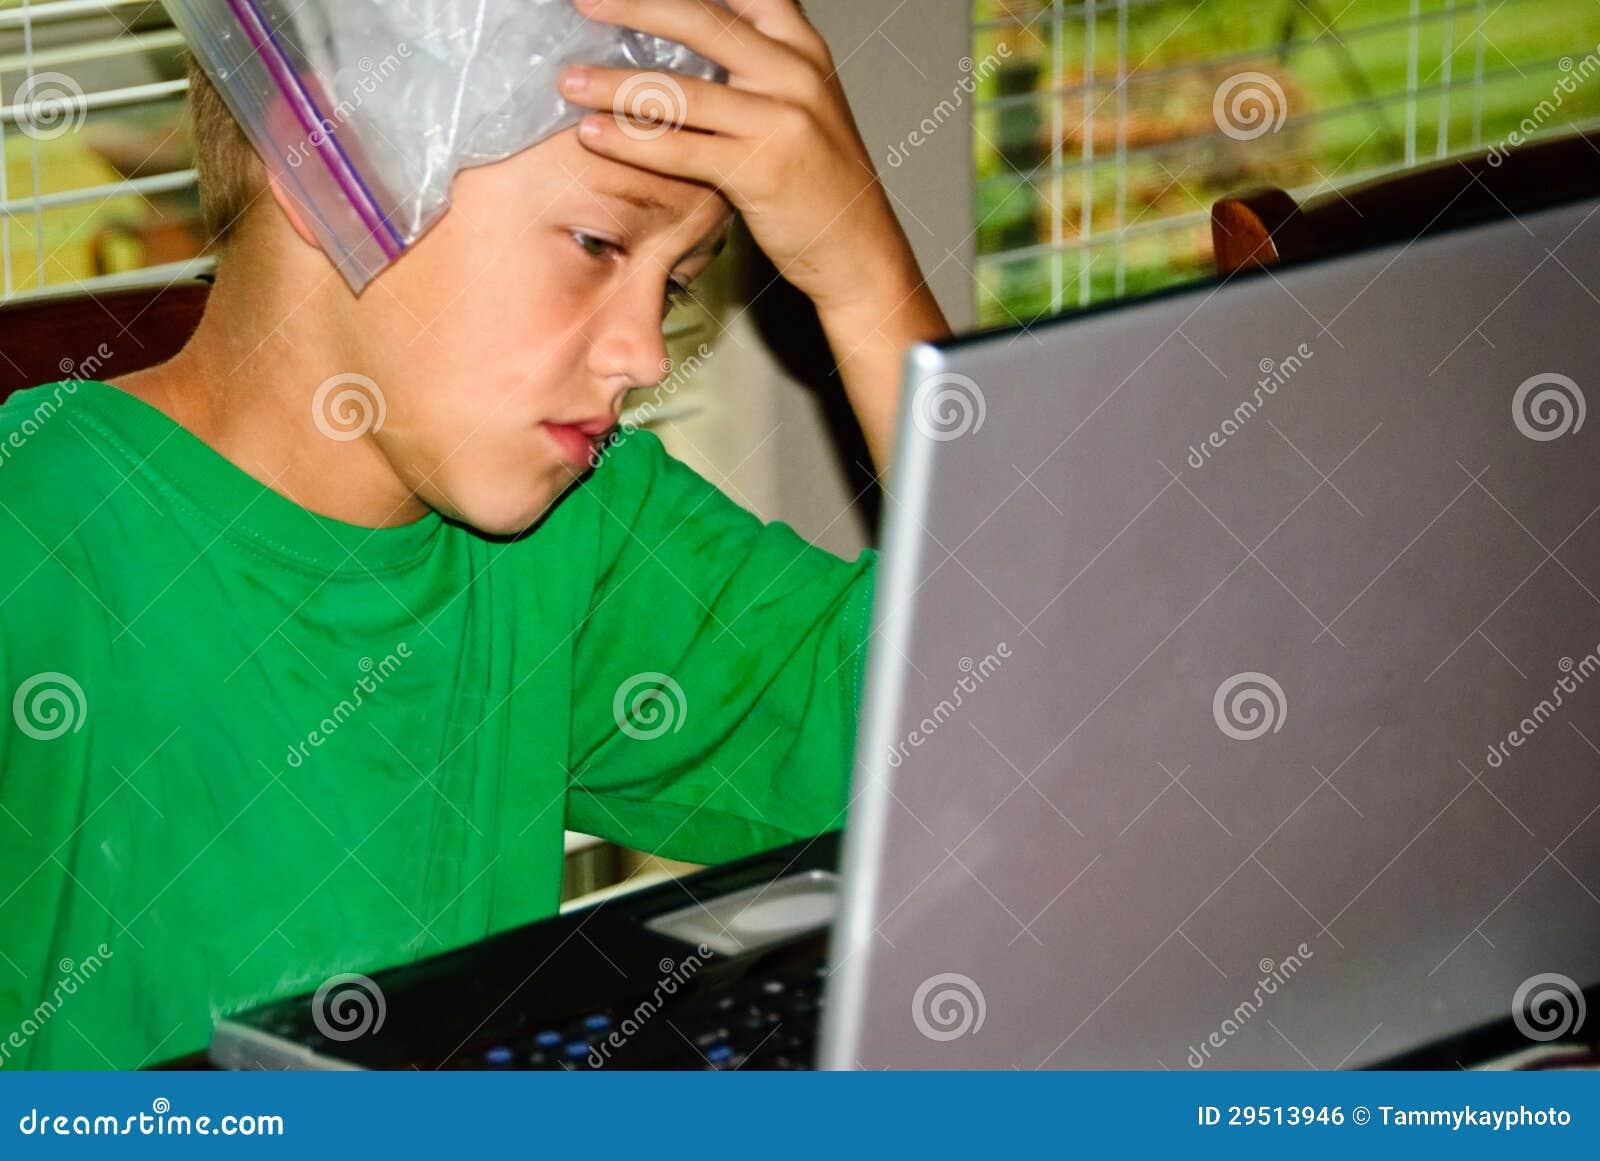 De jongen op laptop beklemtoonde met hoofdpijn